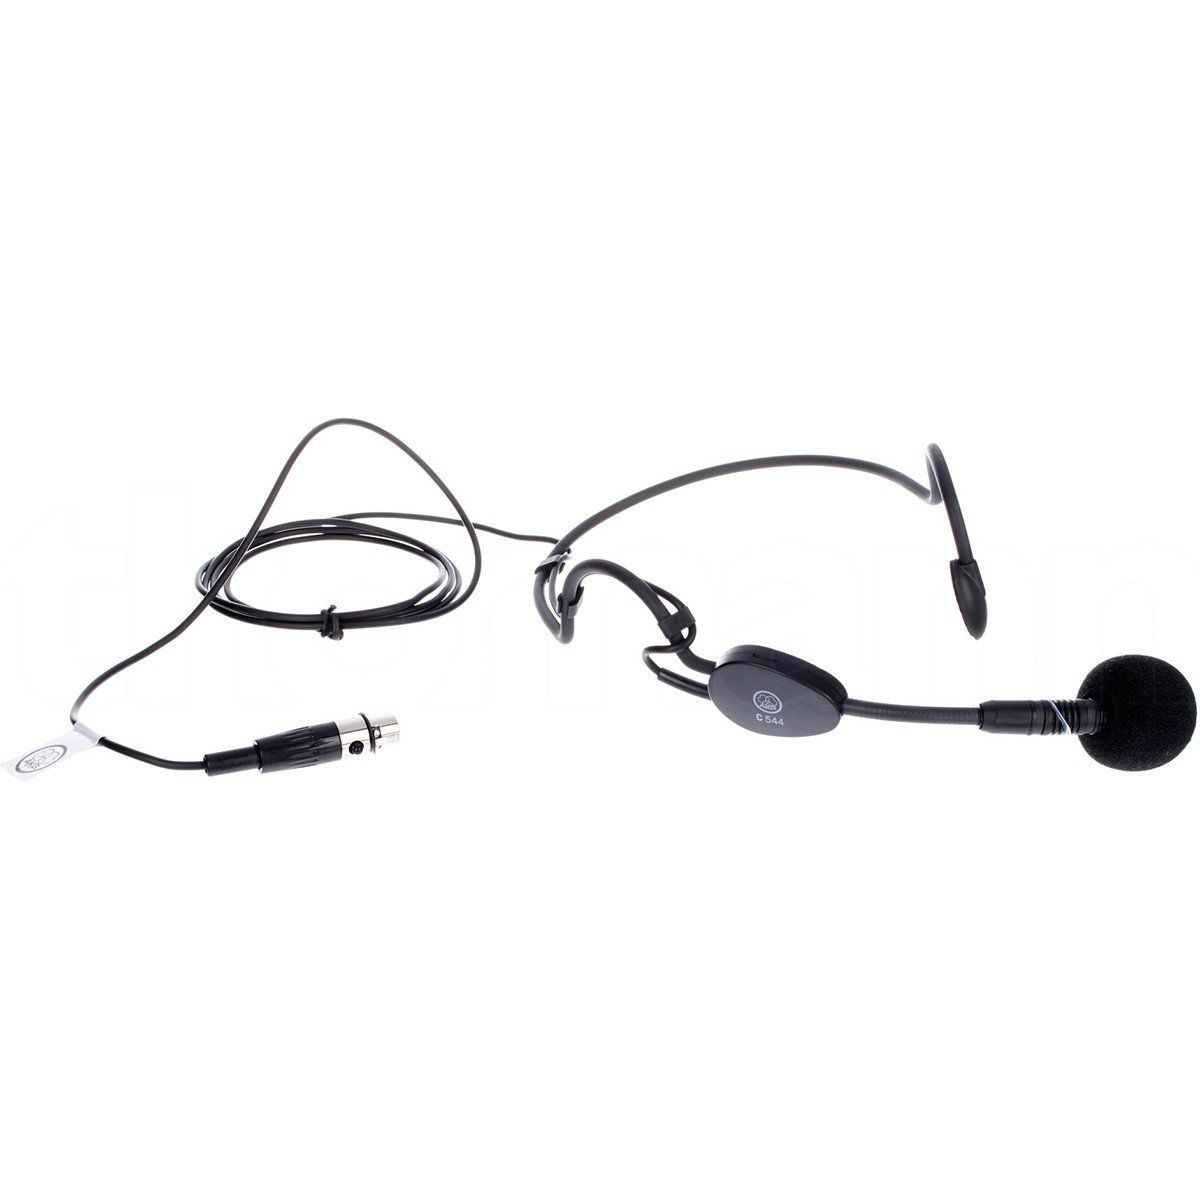 Akg Perception PW45 Microfone de cabeça Akg Perception-PW45 Sistema sem Fio para Apresentações